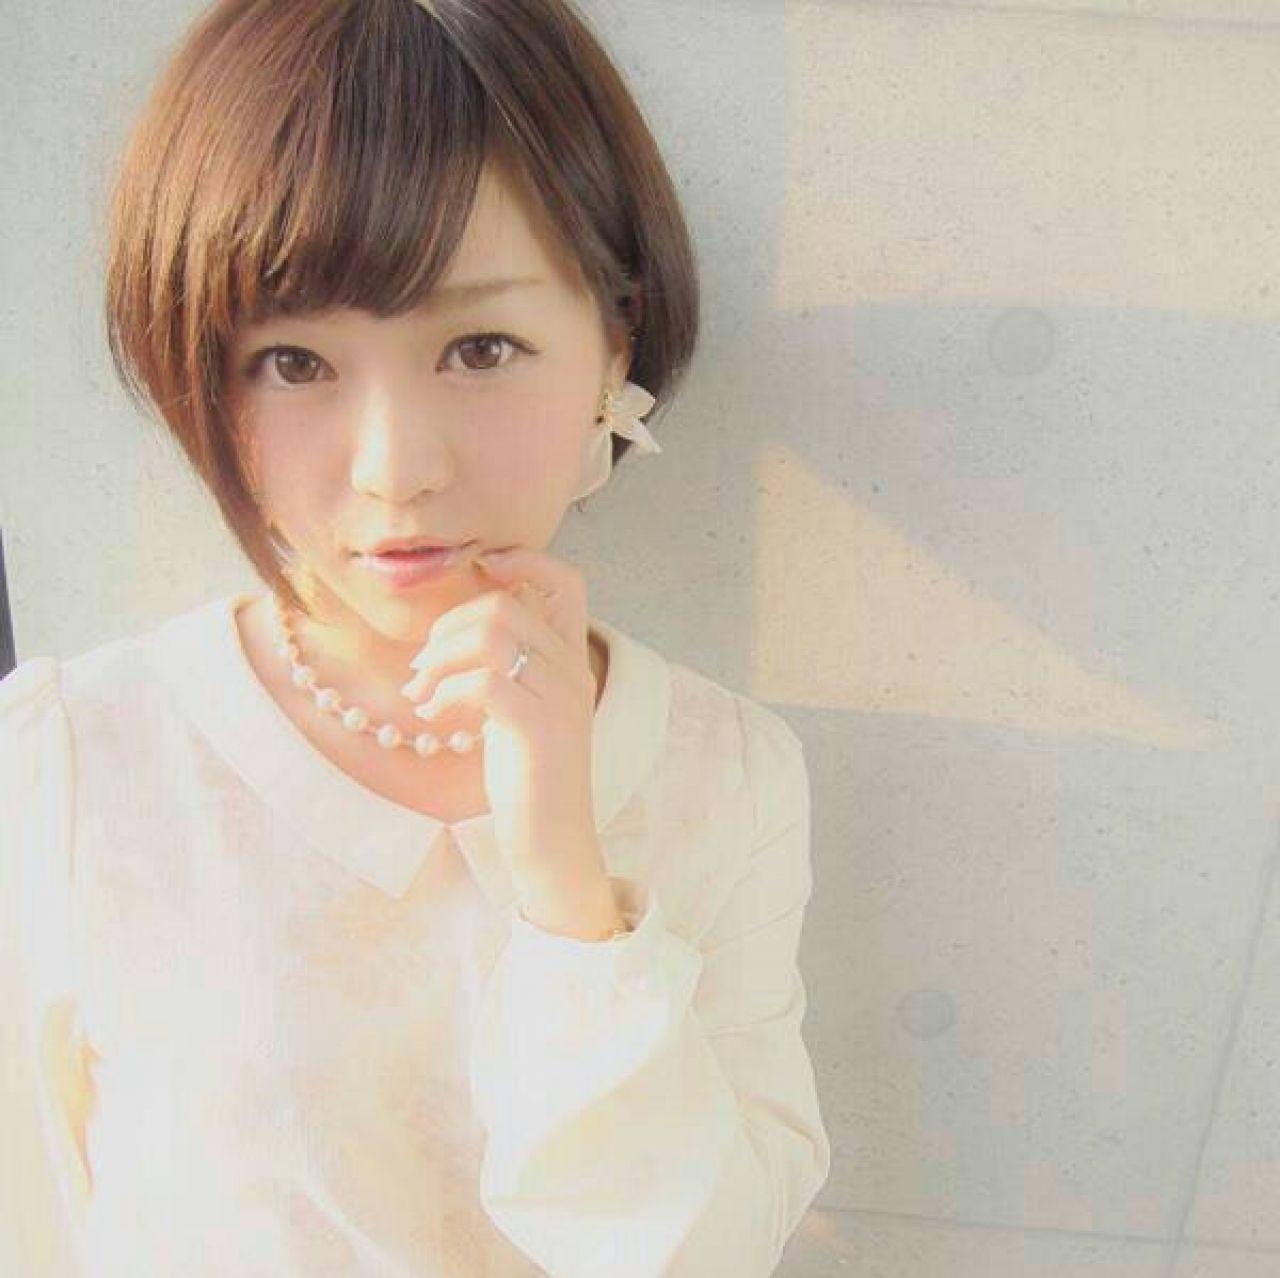 かわいい子はやっている♡ふんわり前髪の作り方と崩れない方法 多田法香